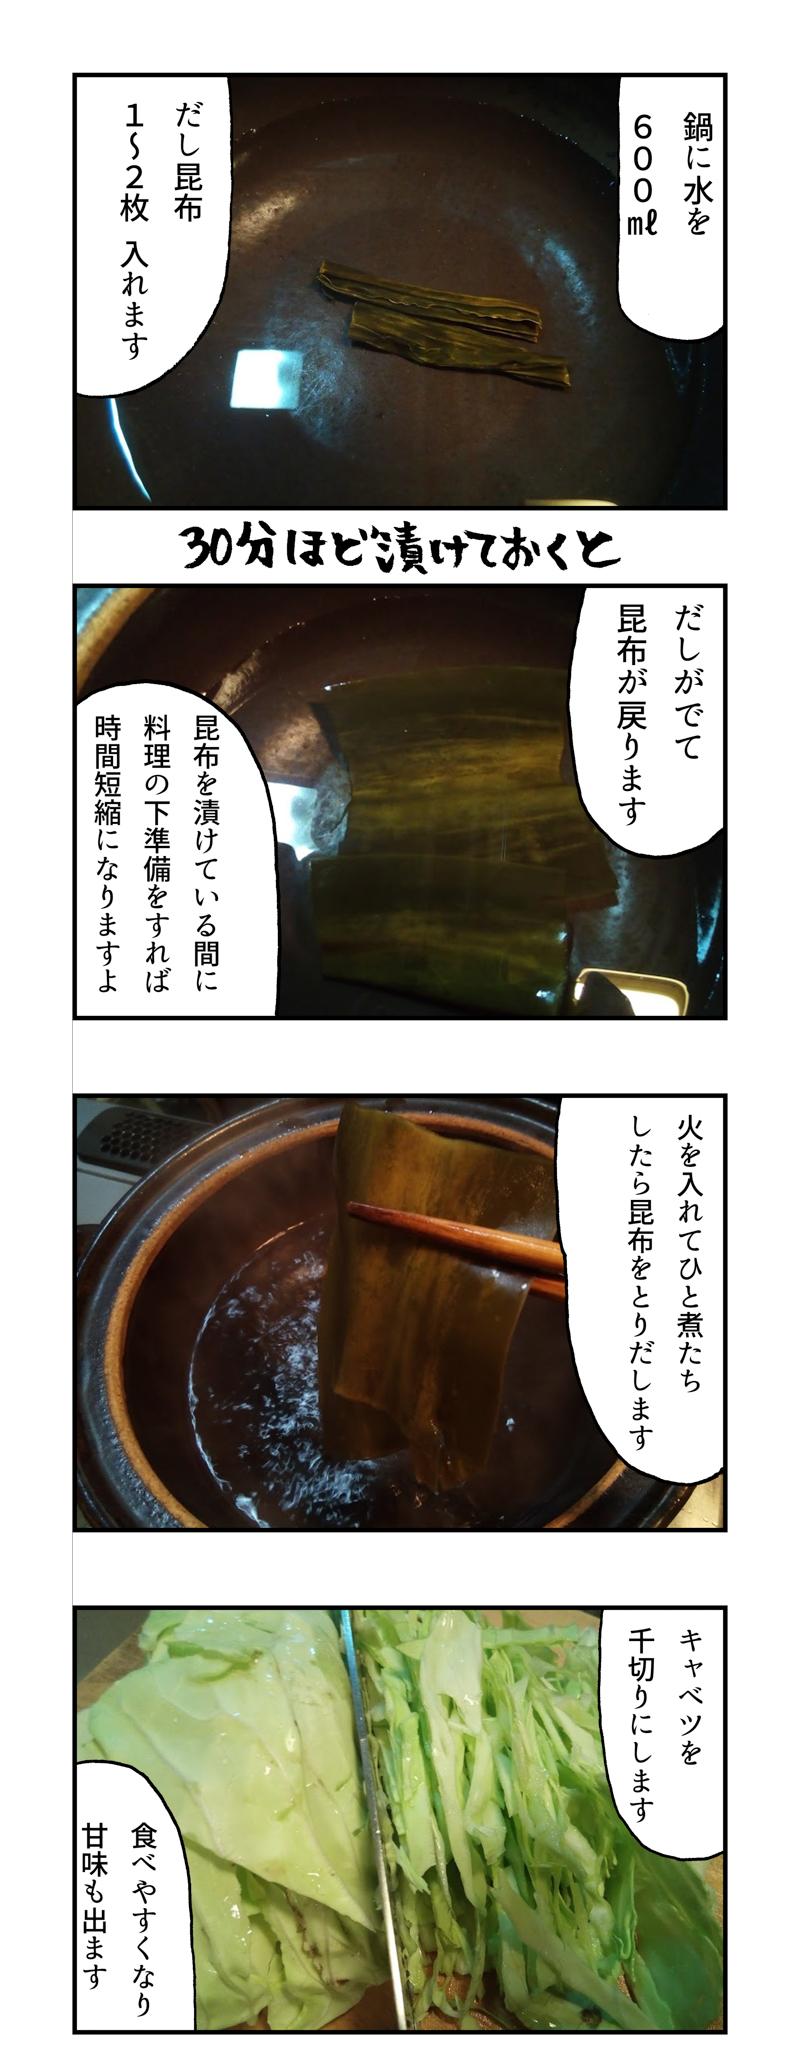 f:id:Meshi2_IB:20171030110558j:plain